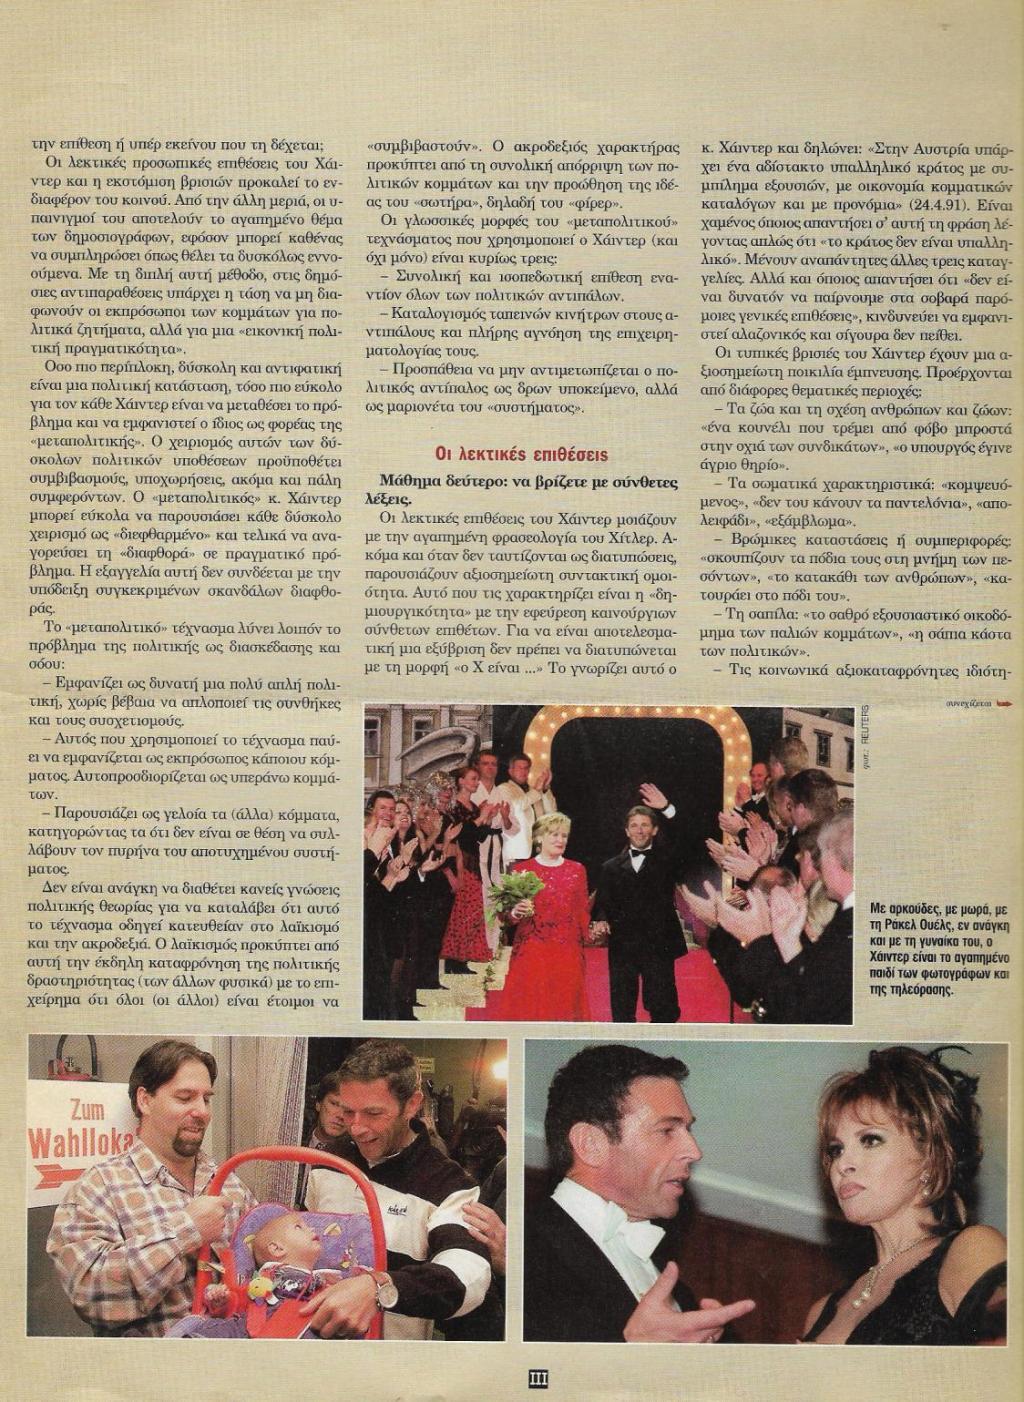 2000-03-19-ΕΨΙΛΟΝ - Ιός - Πως θα γίνετε Χάιντερ της Ελλάδας Οδηγίες προς πολιτευομένους -03